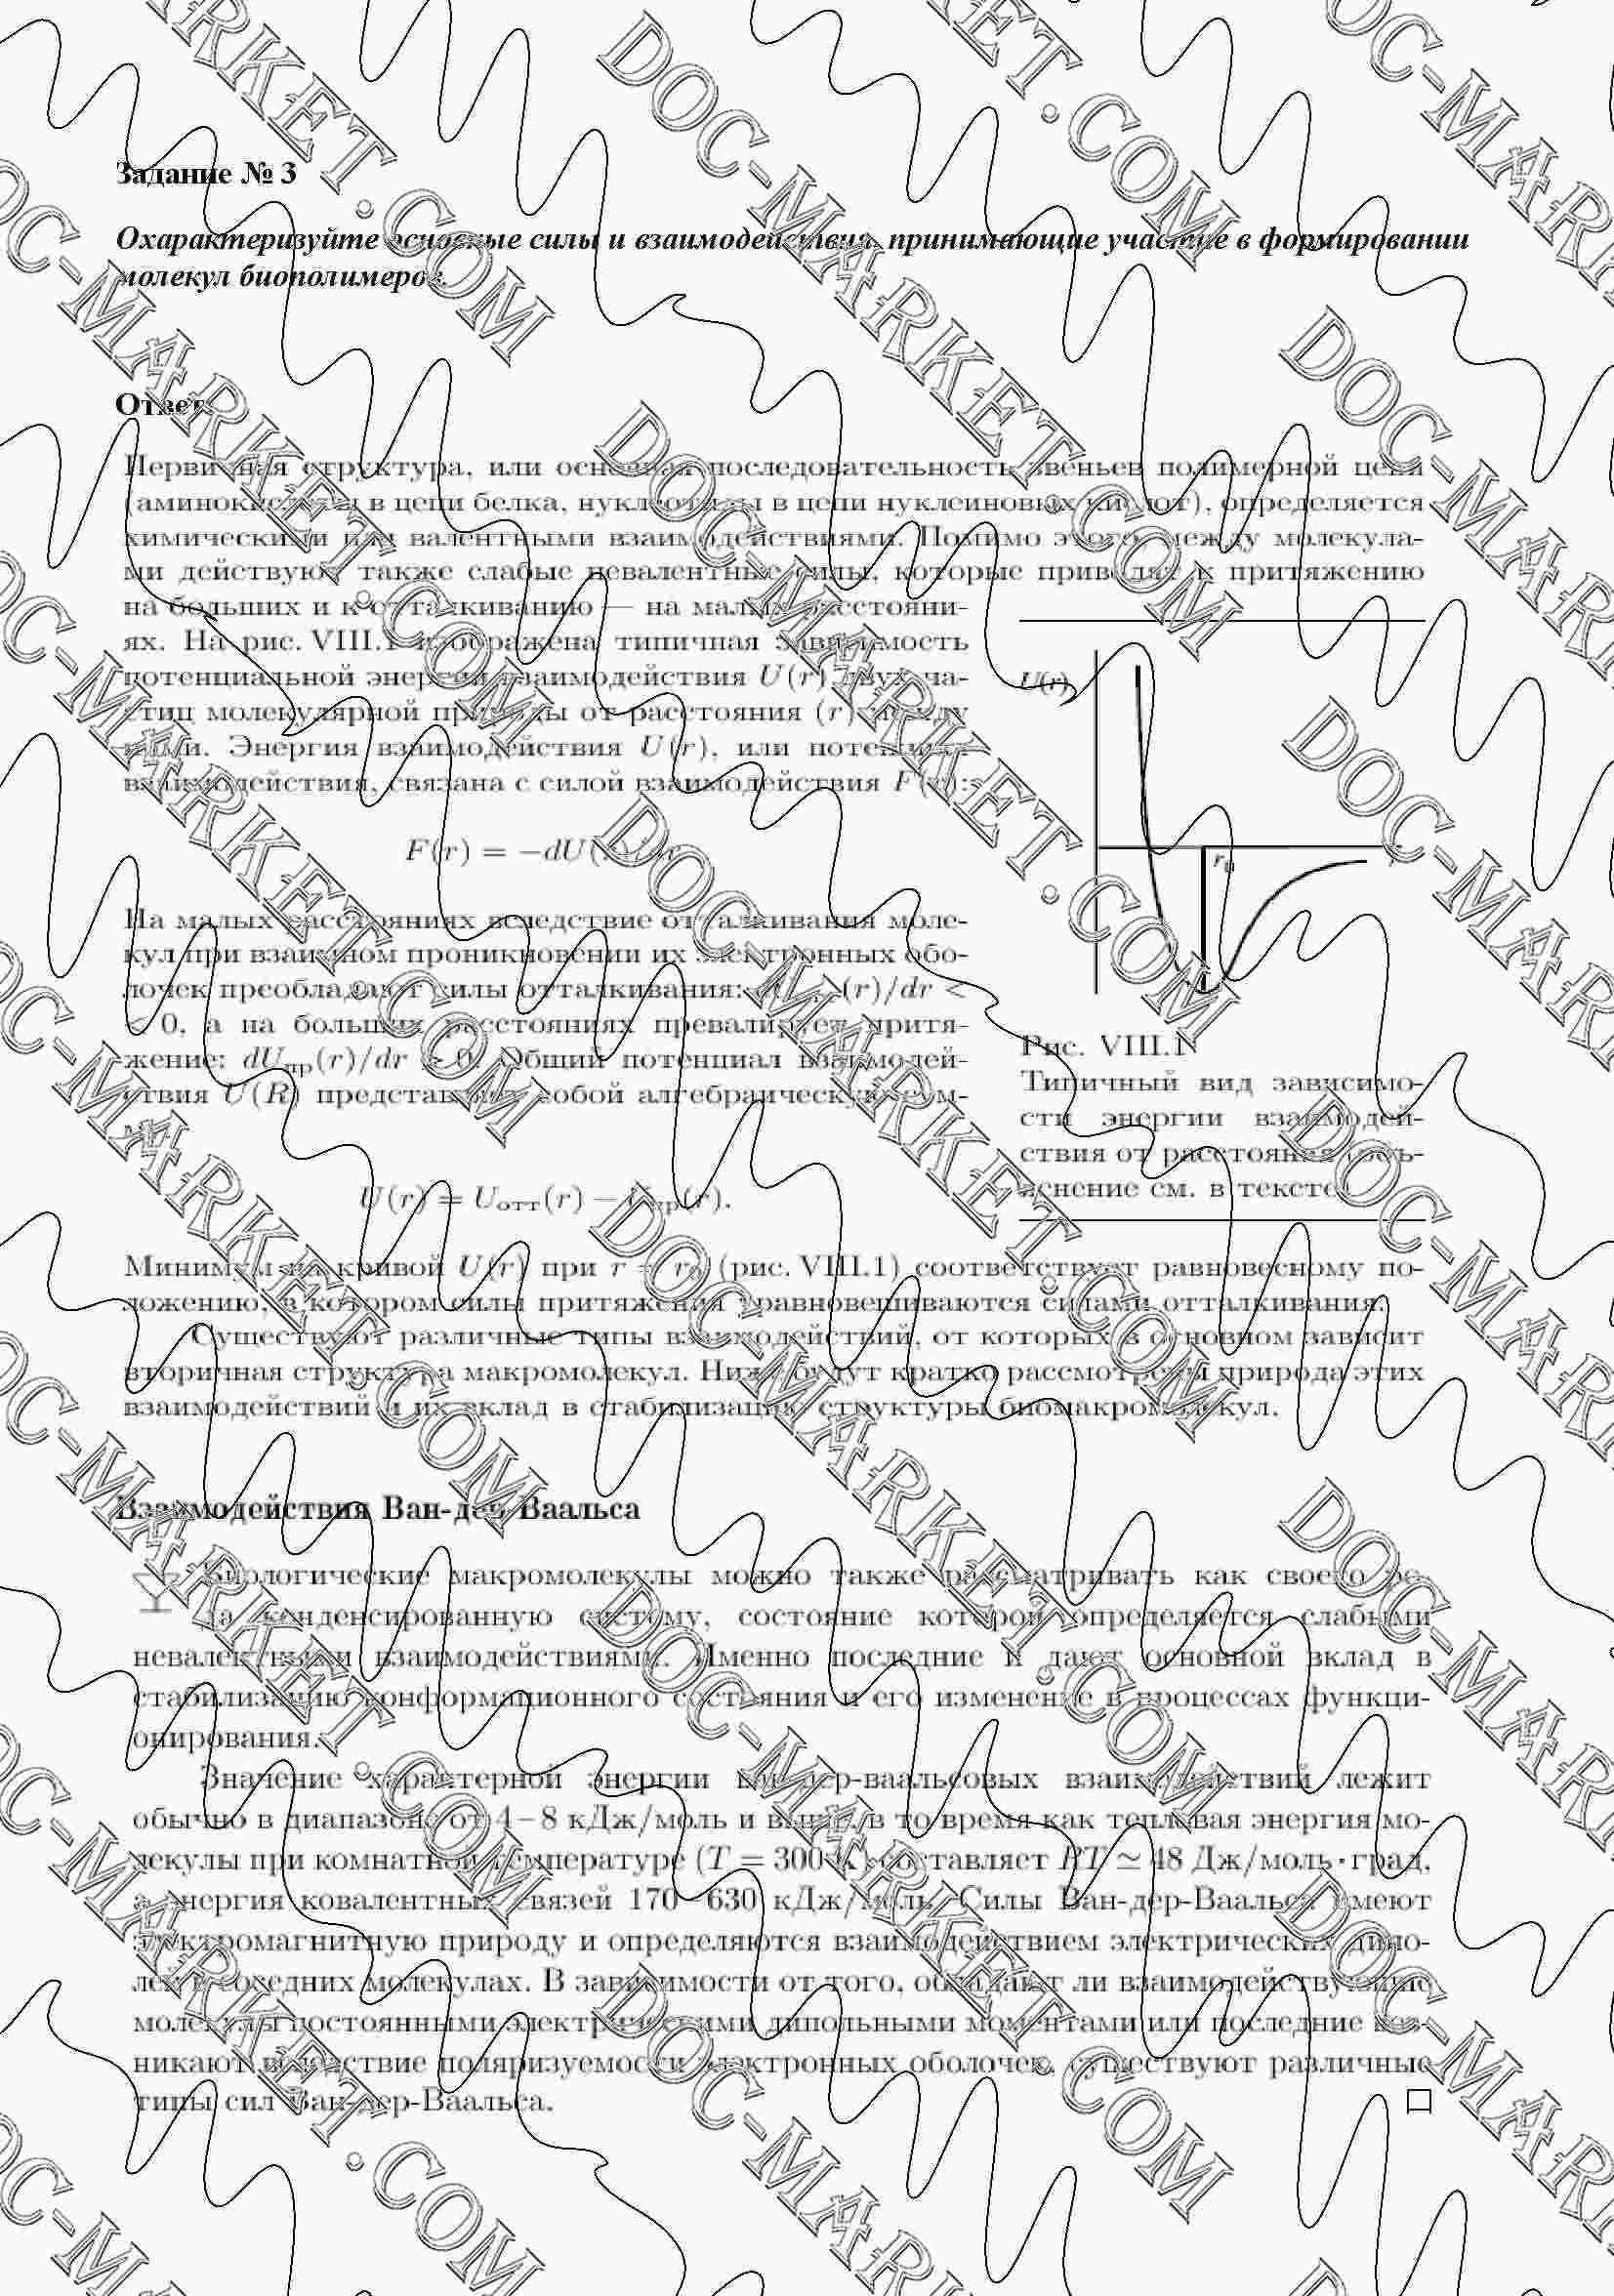 Контрольная работа Контрольная работа по биофизике i посмотреть  контрольная работа №2 по биофизике